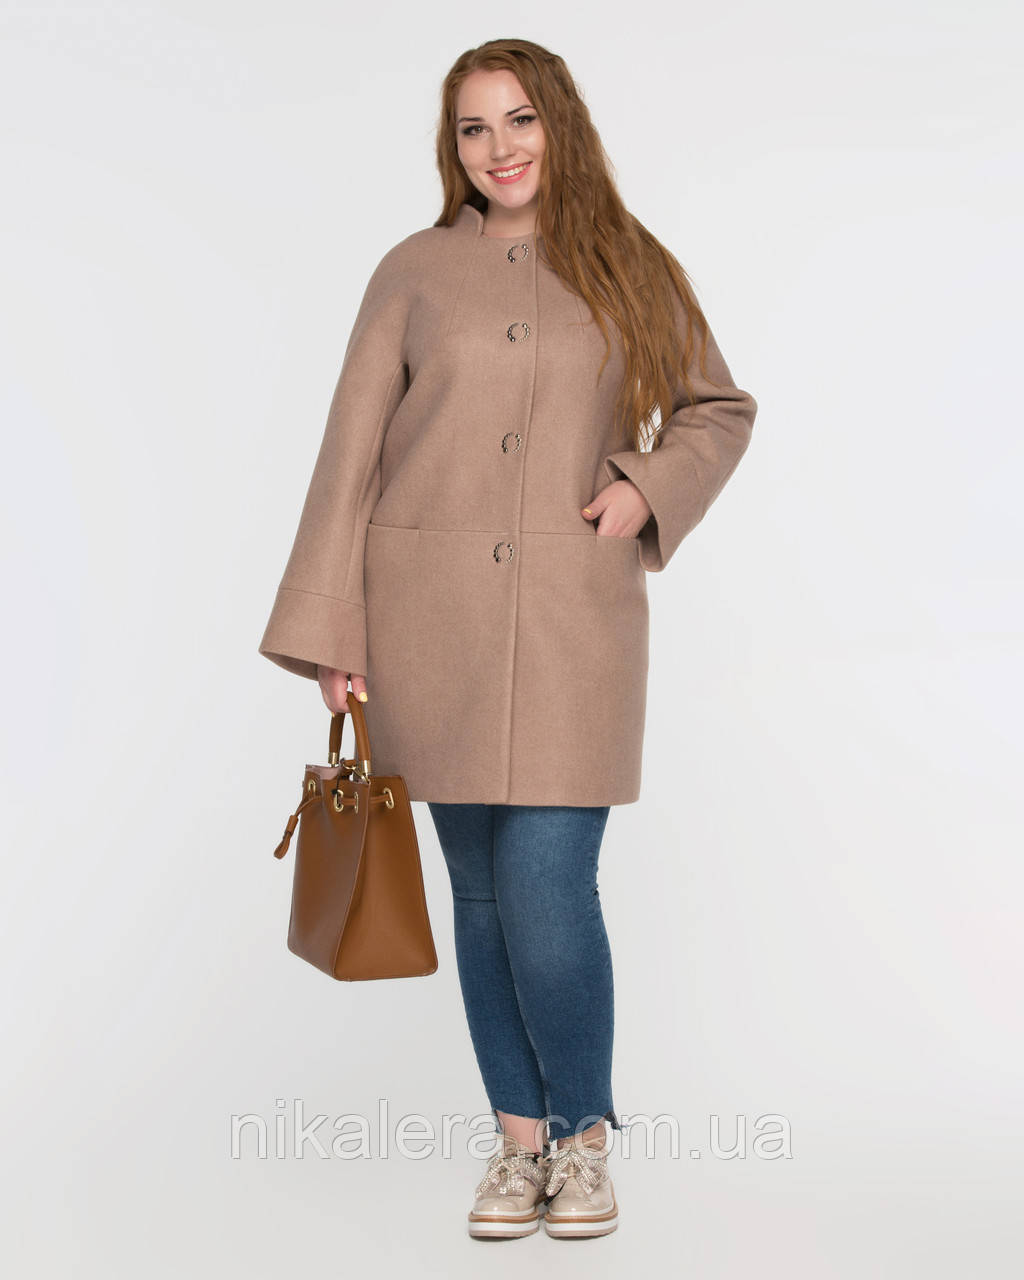 Женское пальто полуприталенного кроя рр 48-58